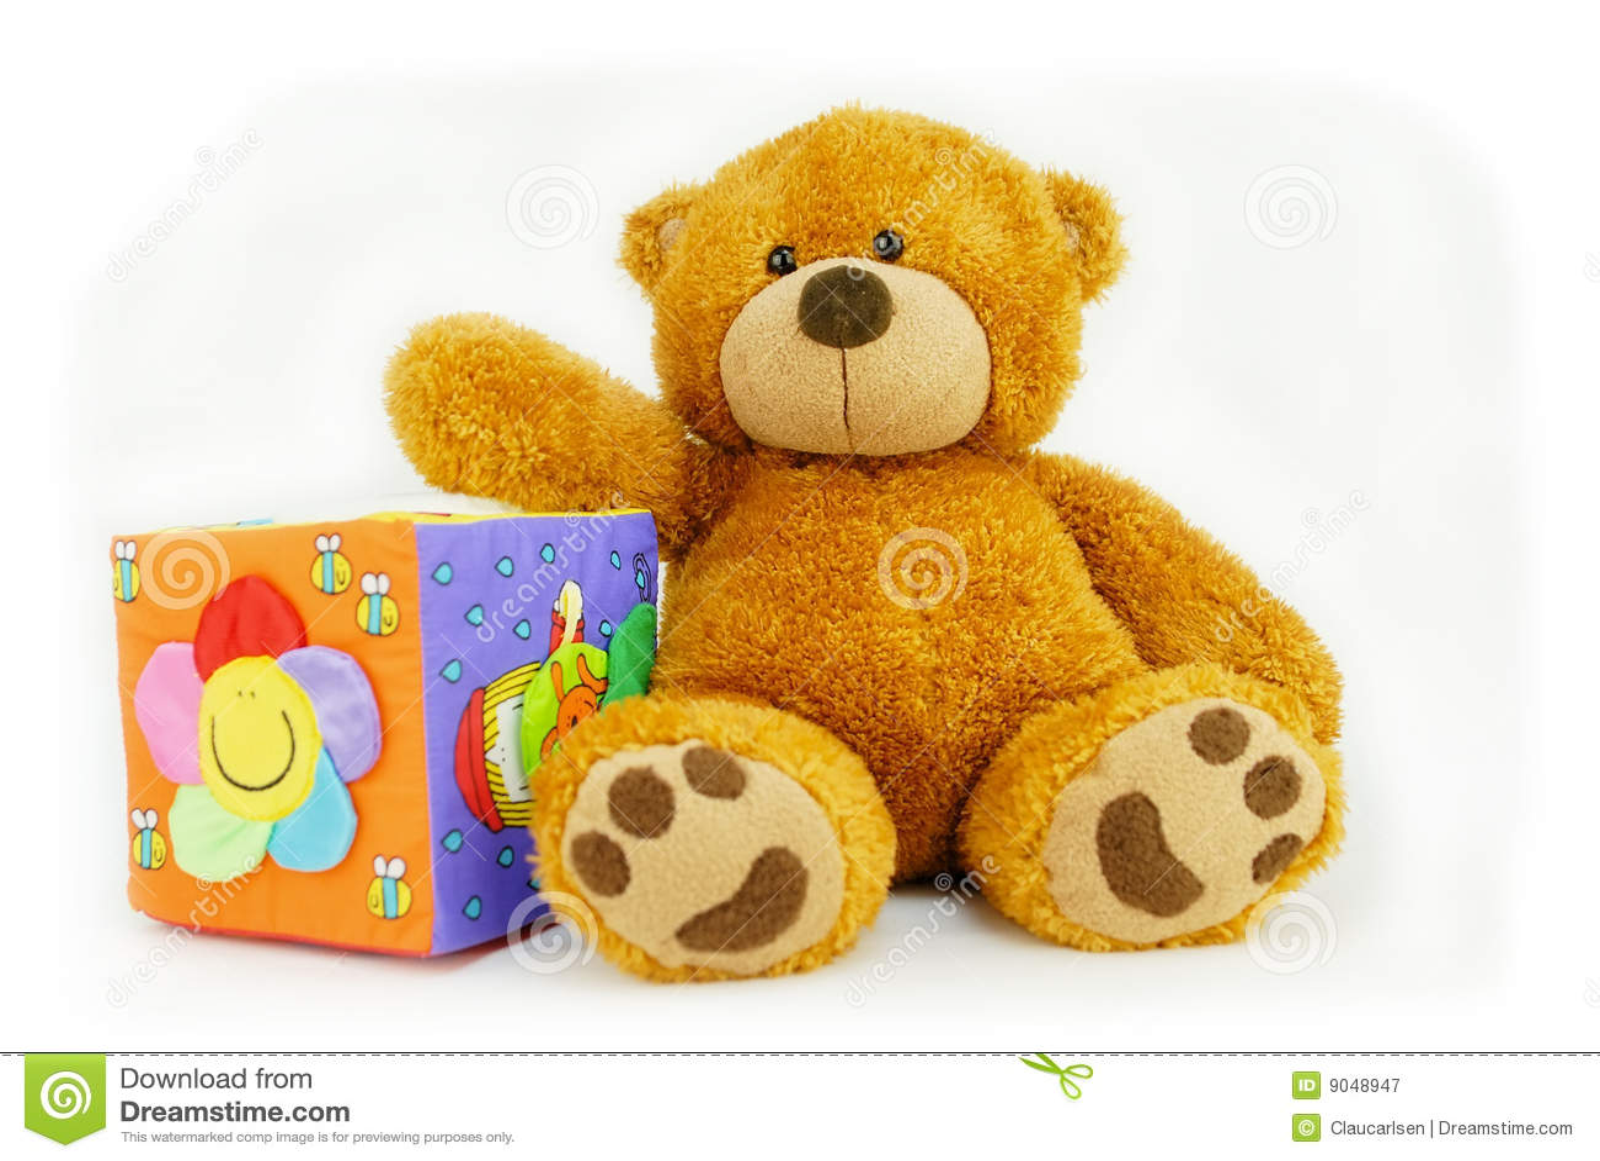 De kubus van de teddybeer en stuk speelgoed